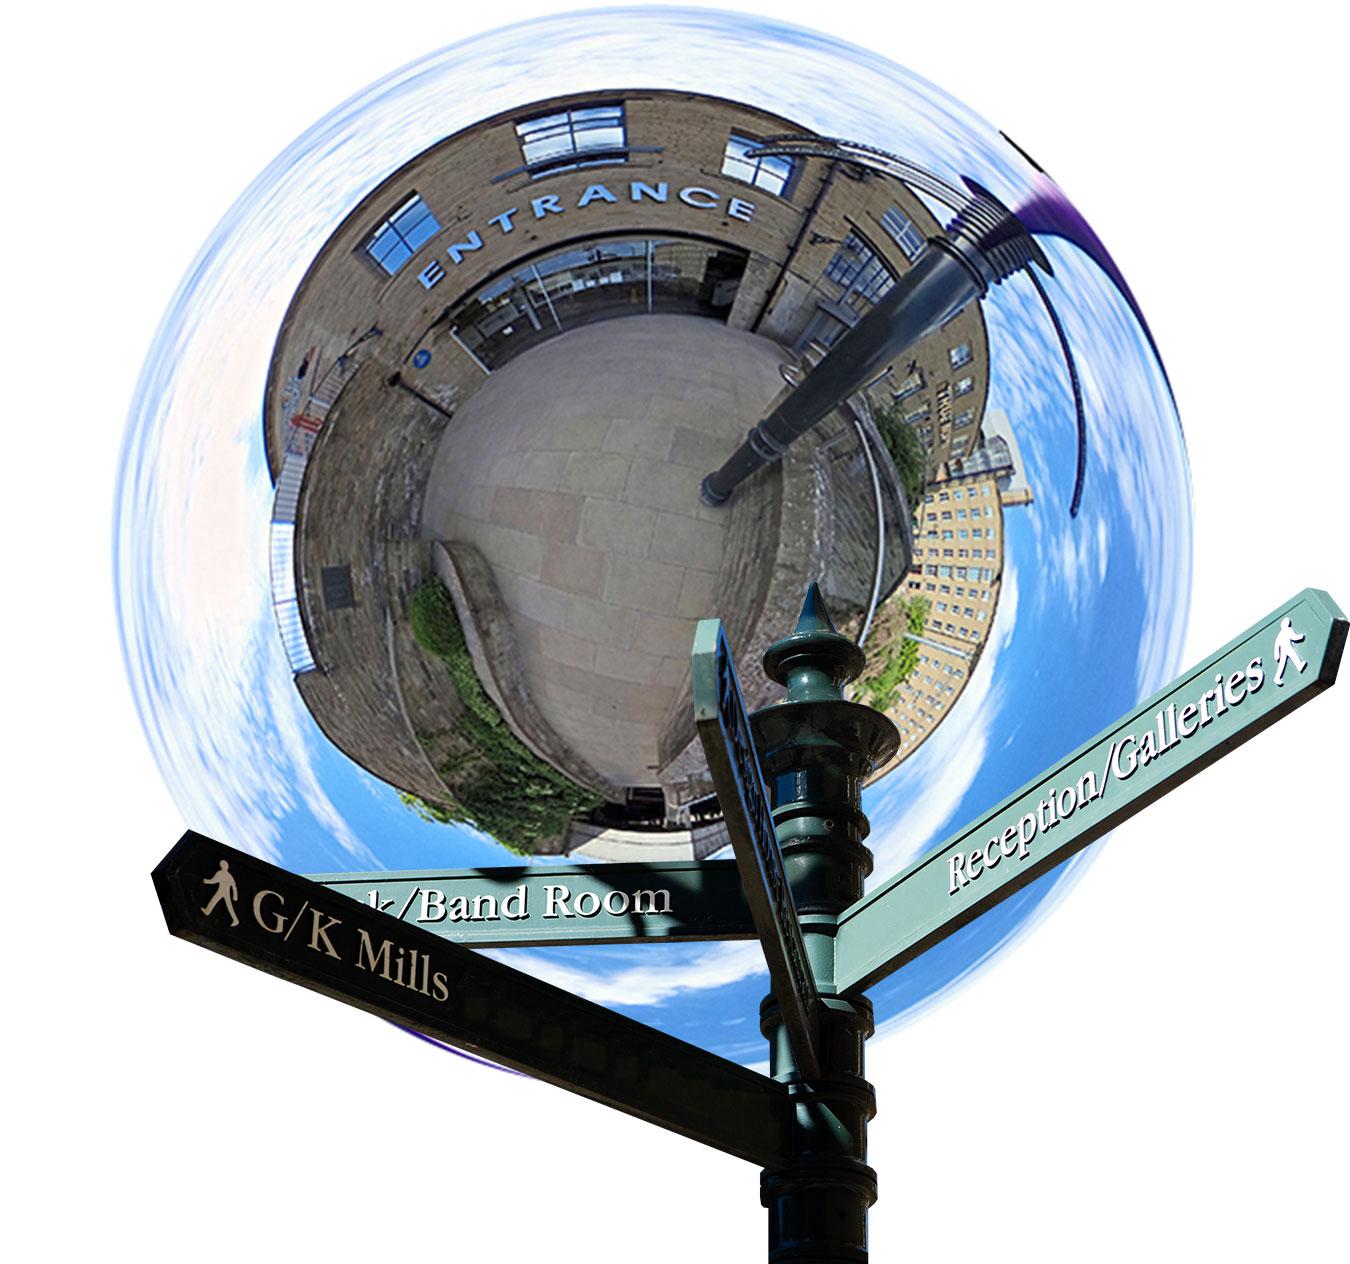 Virtual tour of Dean Clough's Art Galleries